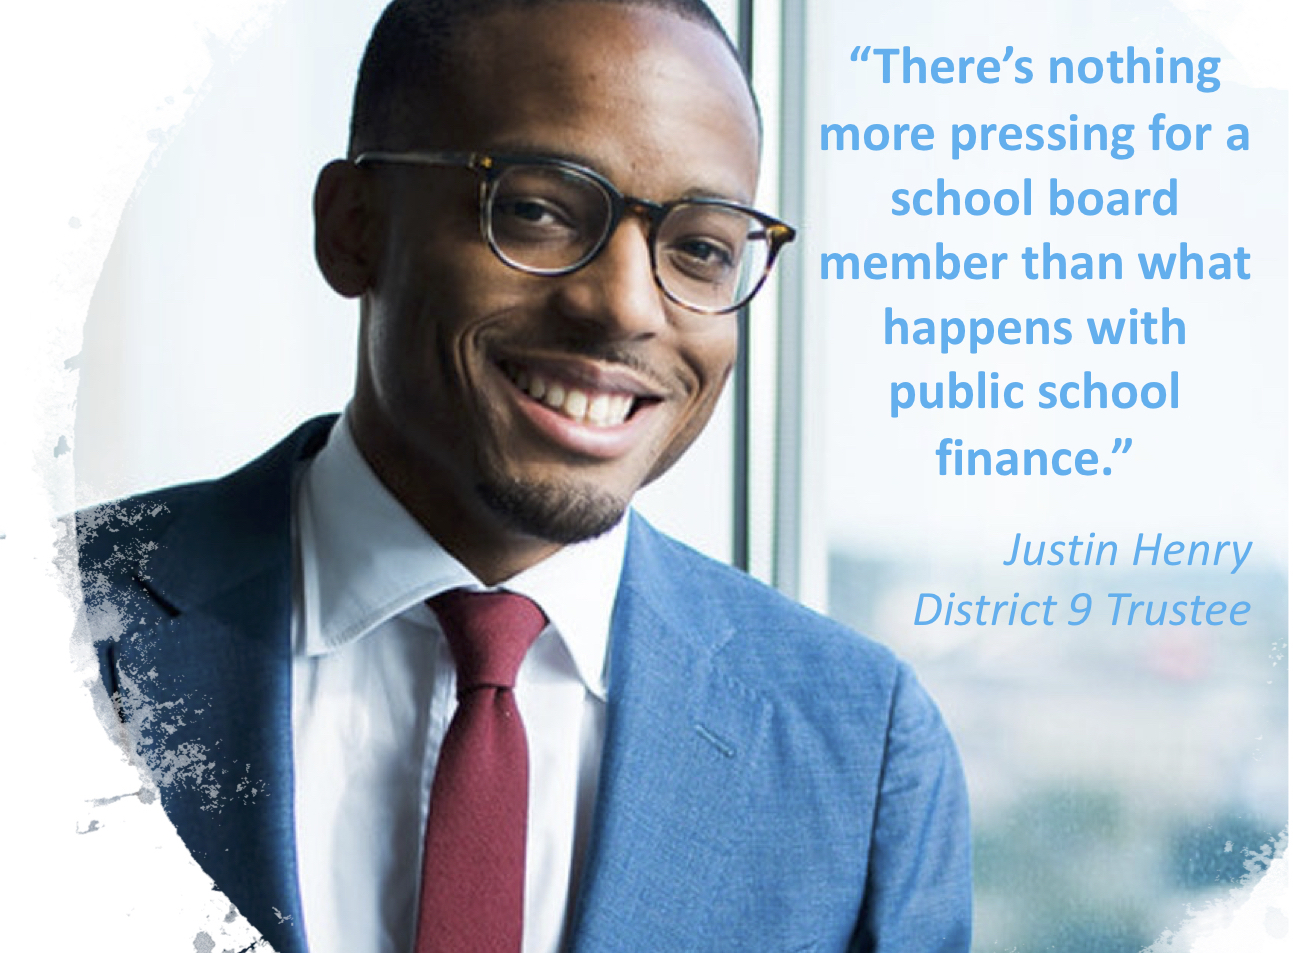 Justin Henry Public School Finance DISD.jpg